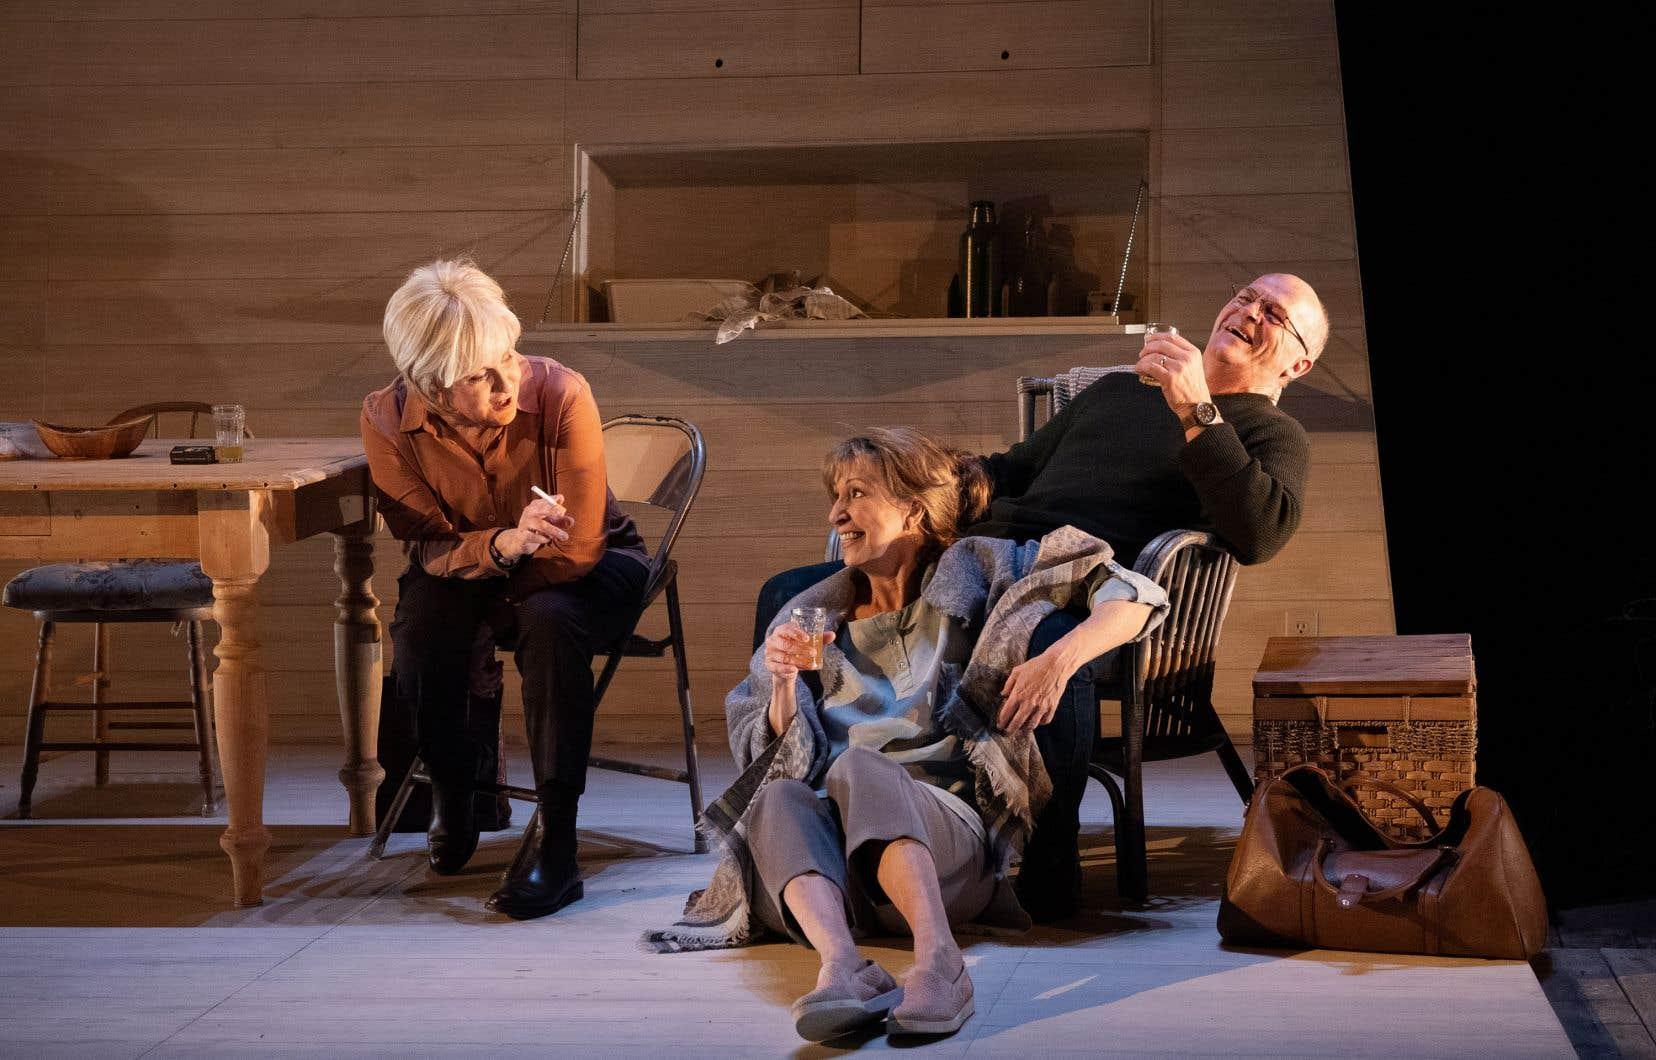 Rose (Chantal Baril, à gauche) fait irruption dans la vie d'Adèle (Danielle Proulx) et Robin (Germain Houde), isolés dans un chalet pour fuire une catastrophe.